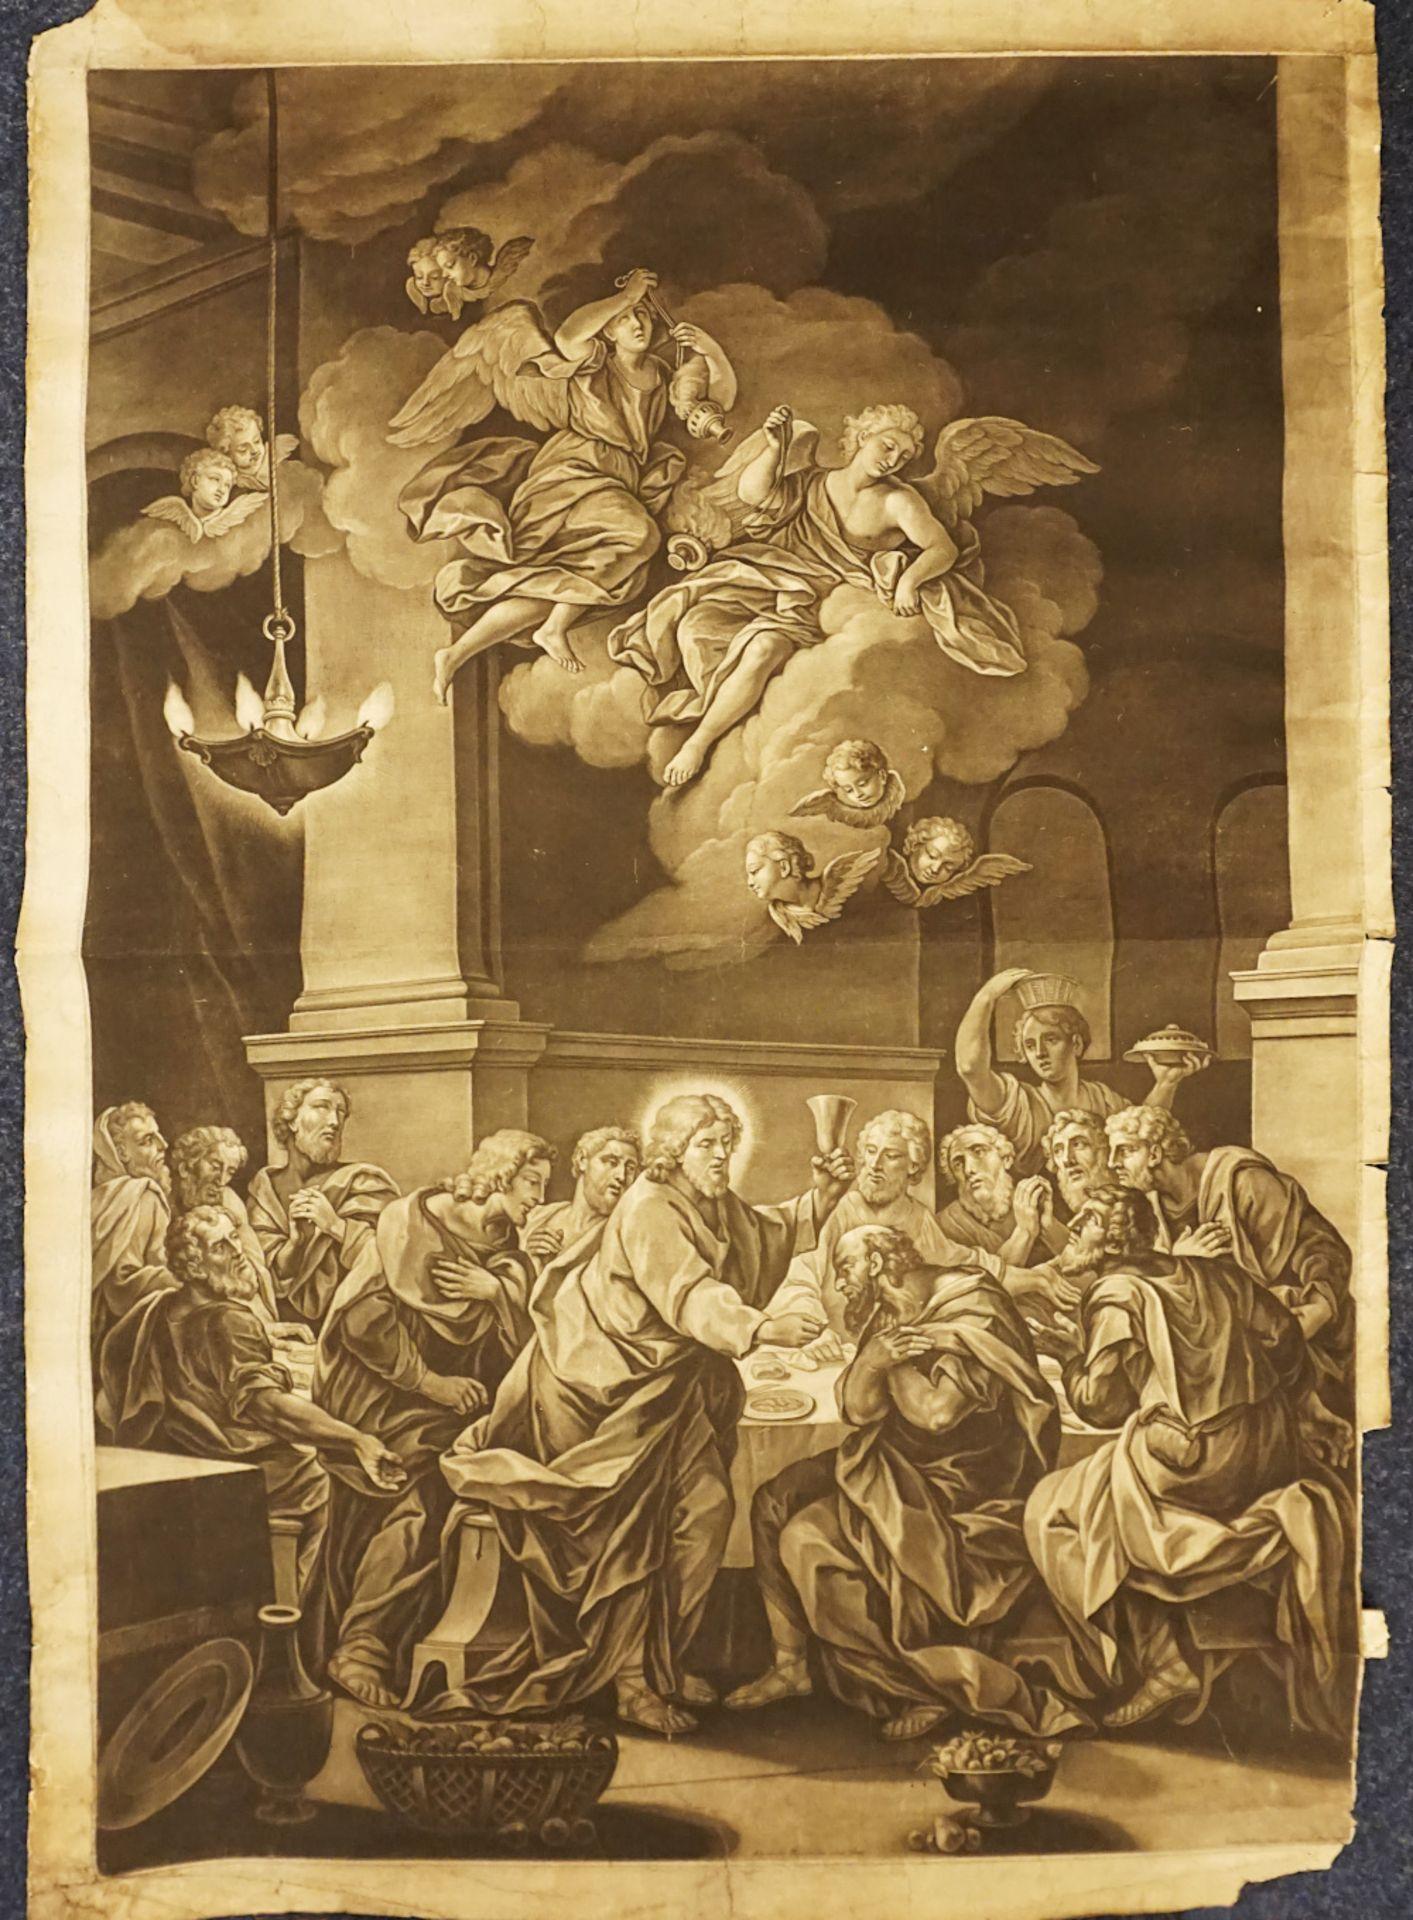 2 in Augsburg entstandene Grafiken der 1. Hälfte des 18. Jh.: 1 Thesenblatt anlässli - Bild 3 aus 4